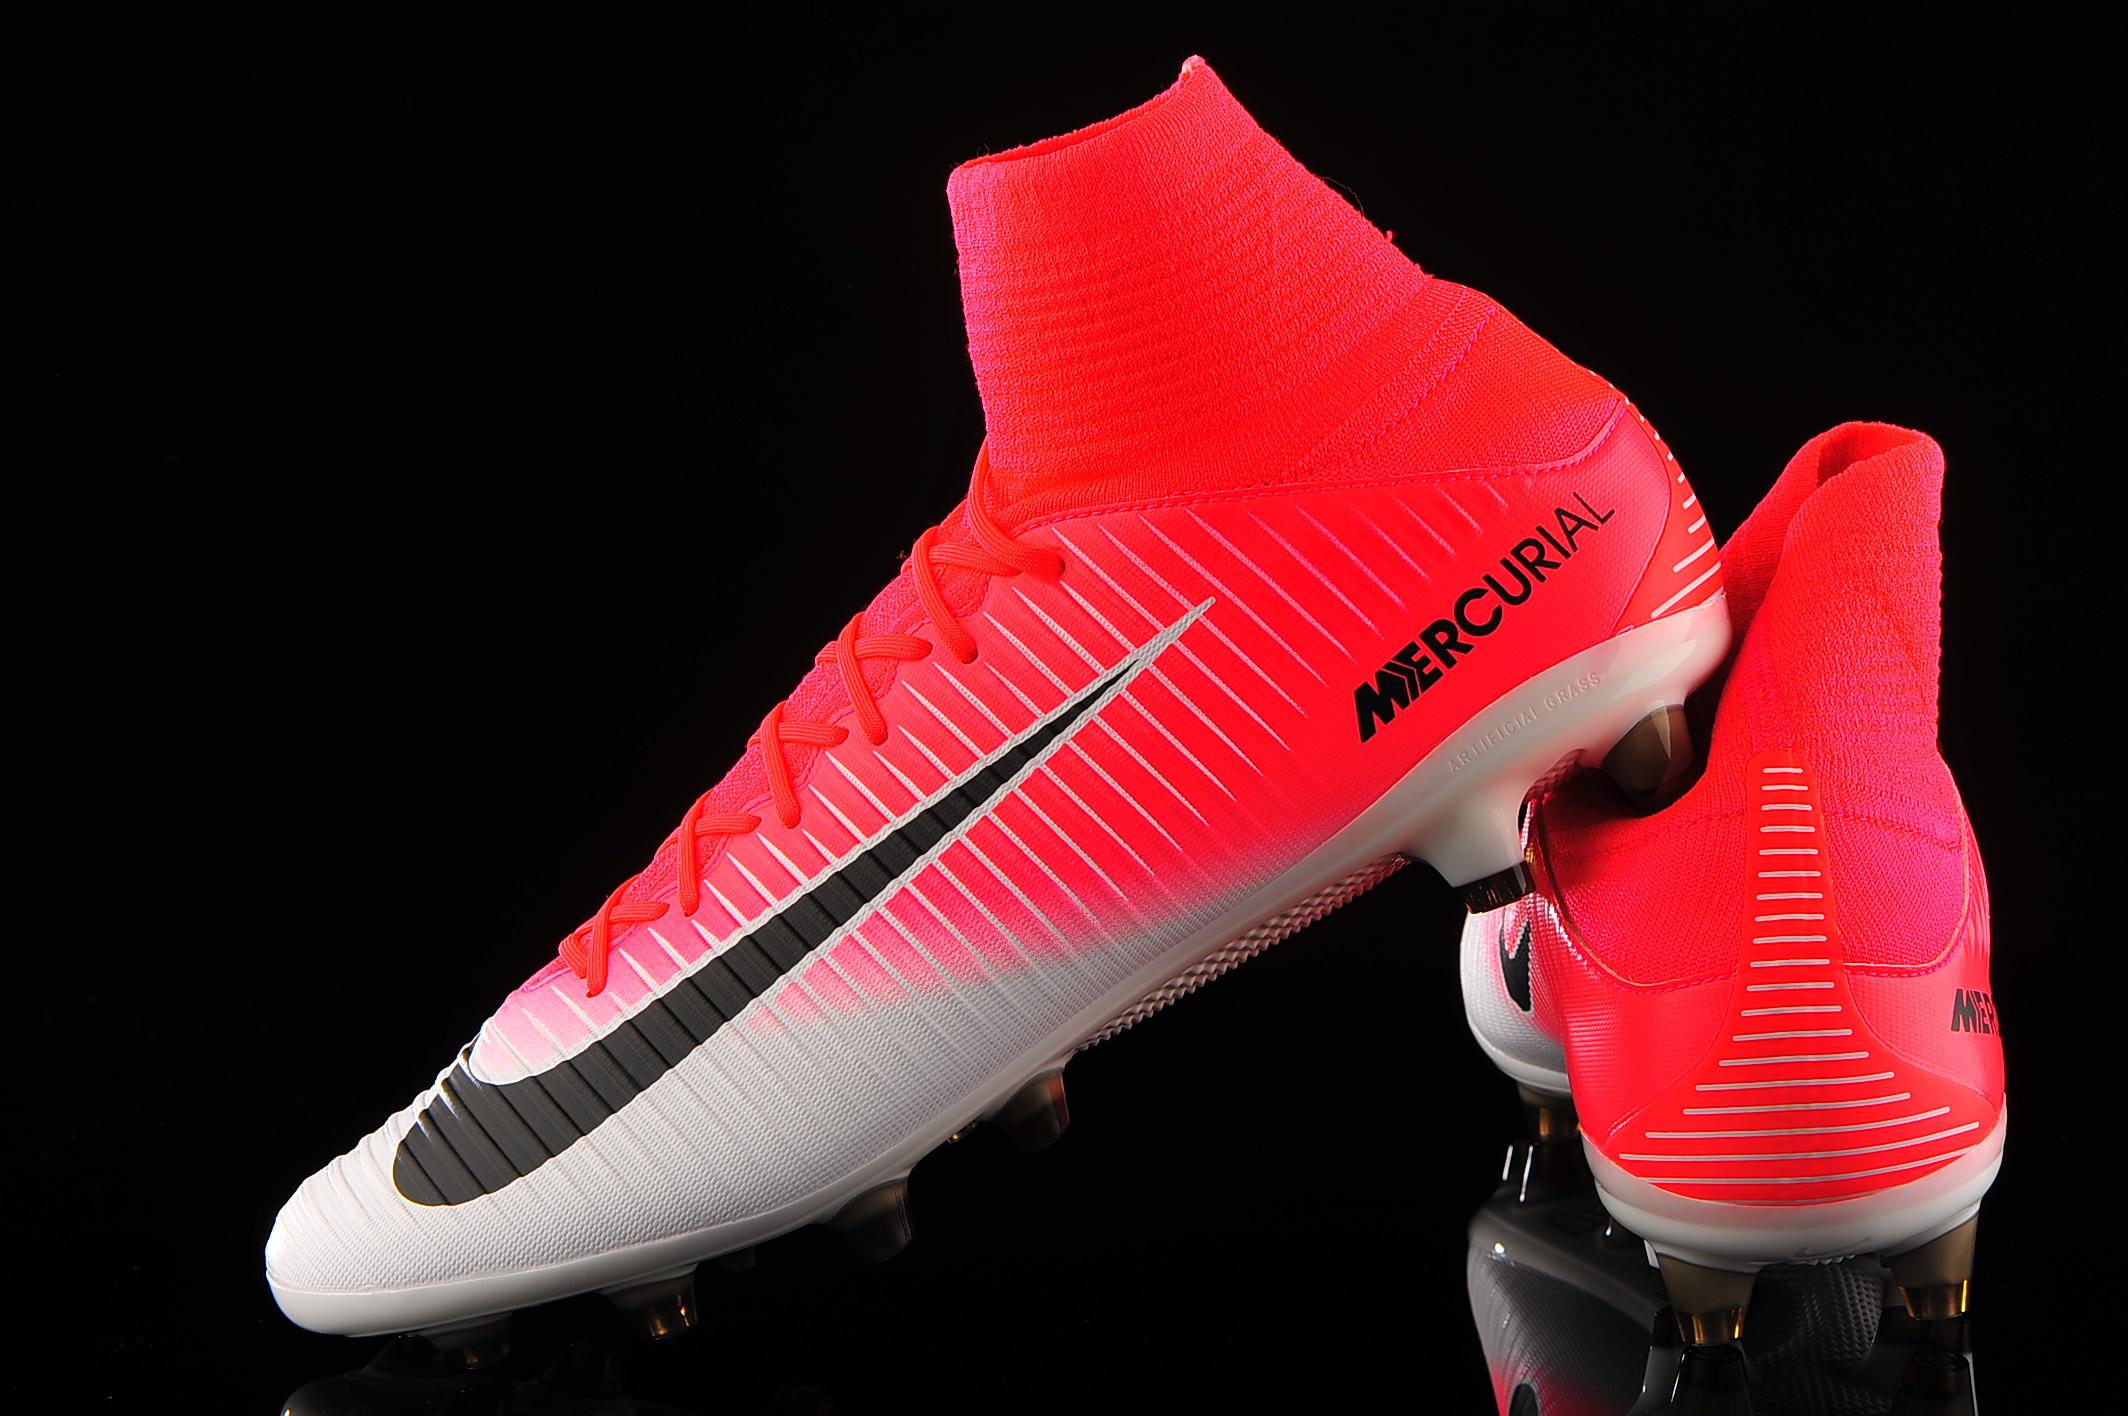 Esquivar Disponible Puntuación  Nike Mercurial Veloce III DF AG-PRO 831960-601 | R-GOL.com - Football boots  & equipment